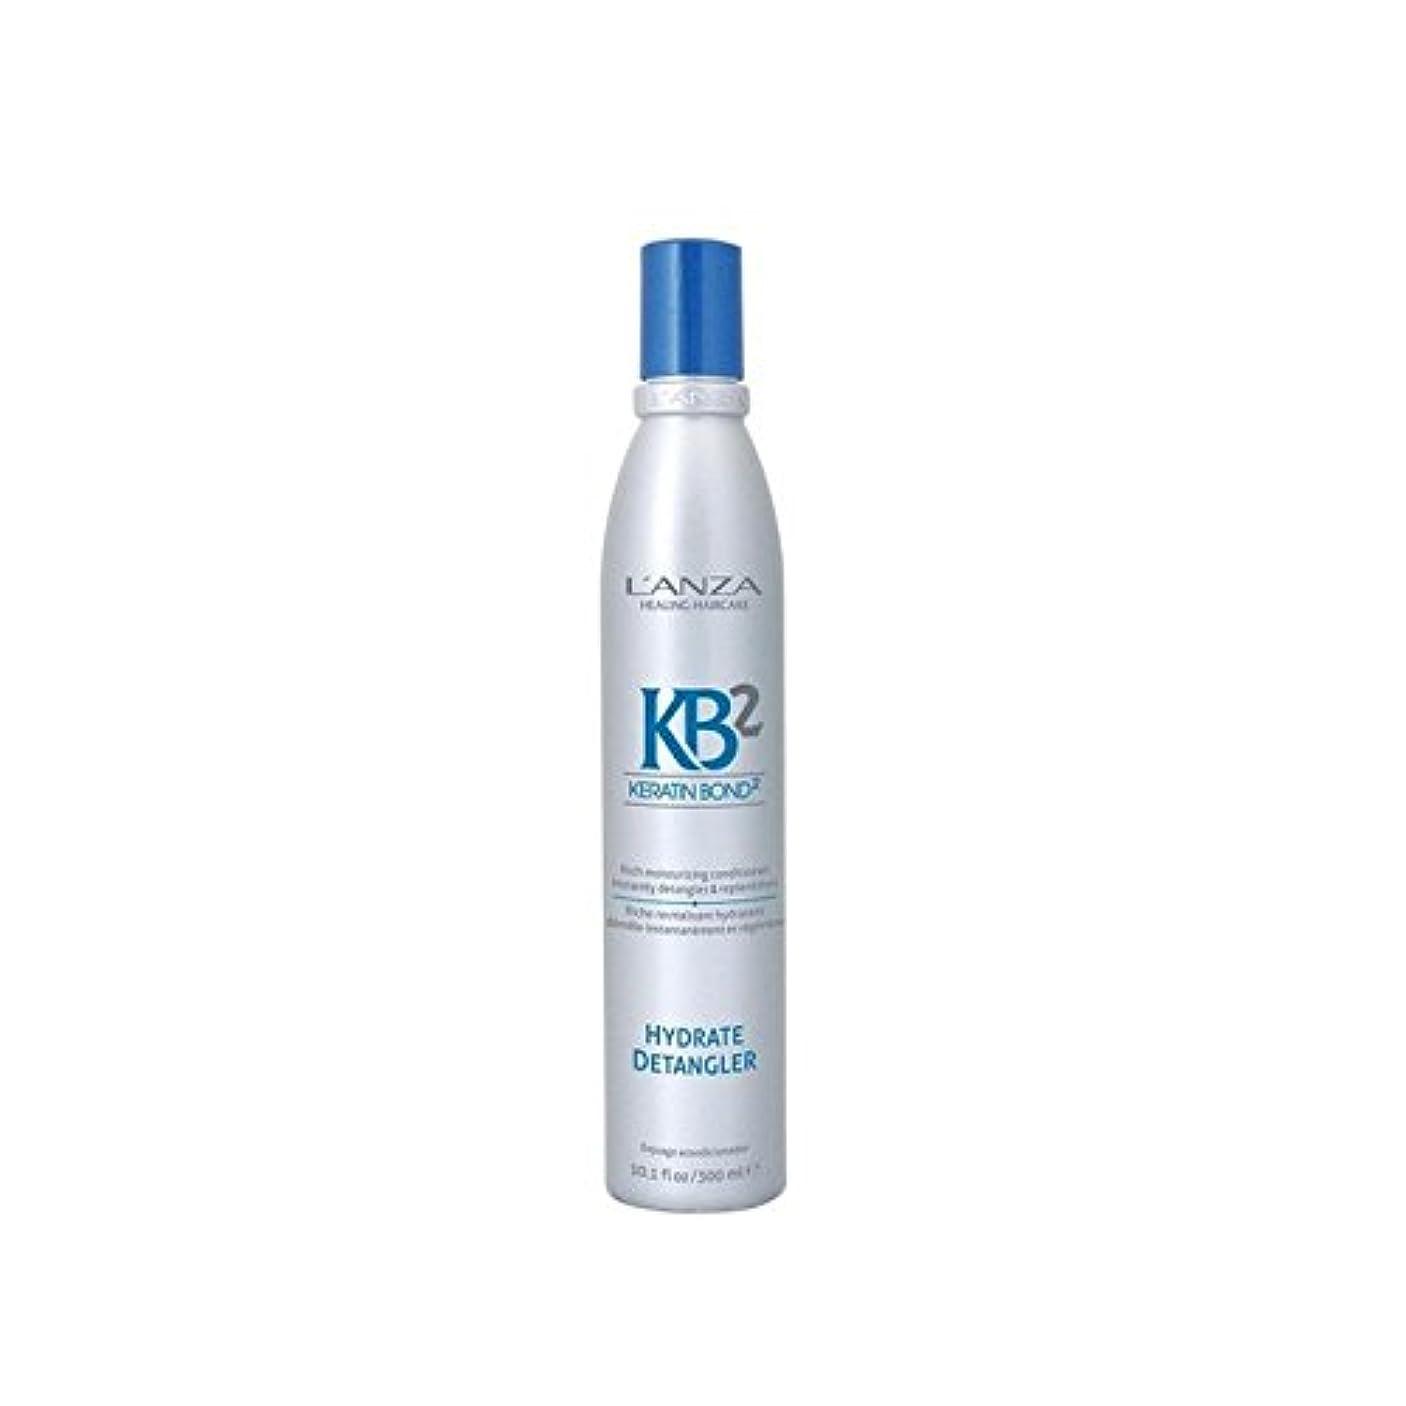 領収書派手シャープアンザ2和物(300ミリリットル) x2 - L'Anza Kb2 Hydrate Detangler (300ml) (Pack of 2) [並行輸入品]